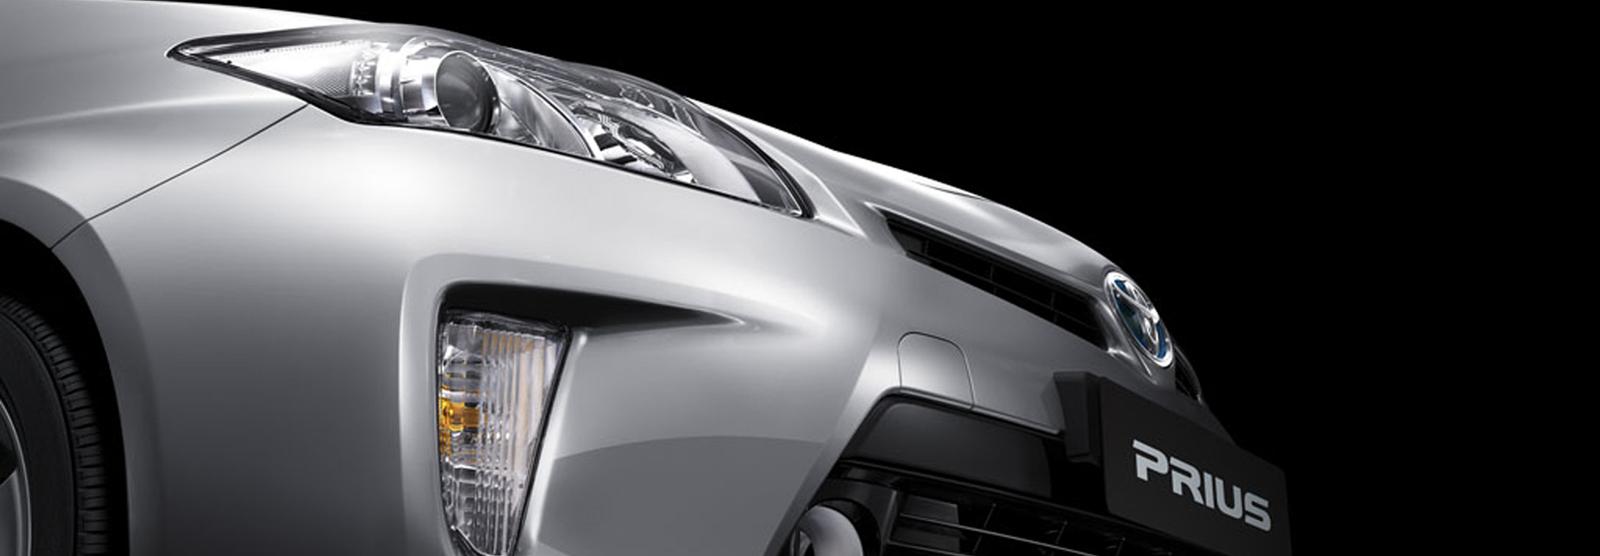 prius-exterior6